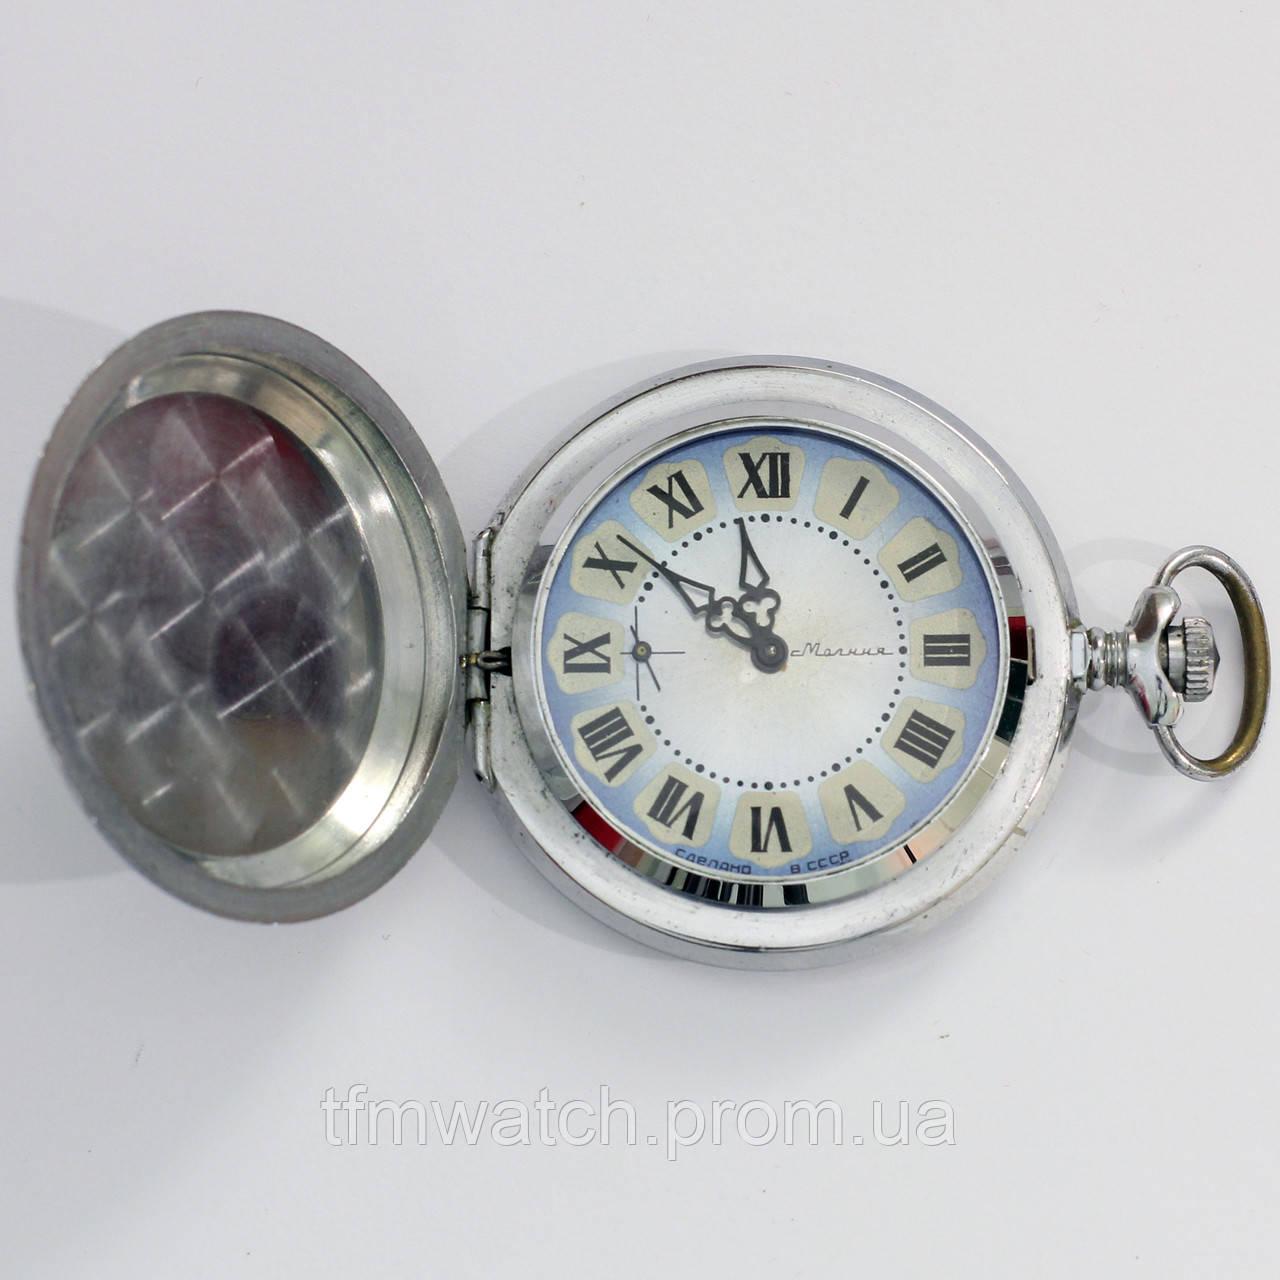 Молния карманные часы Советский Союз